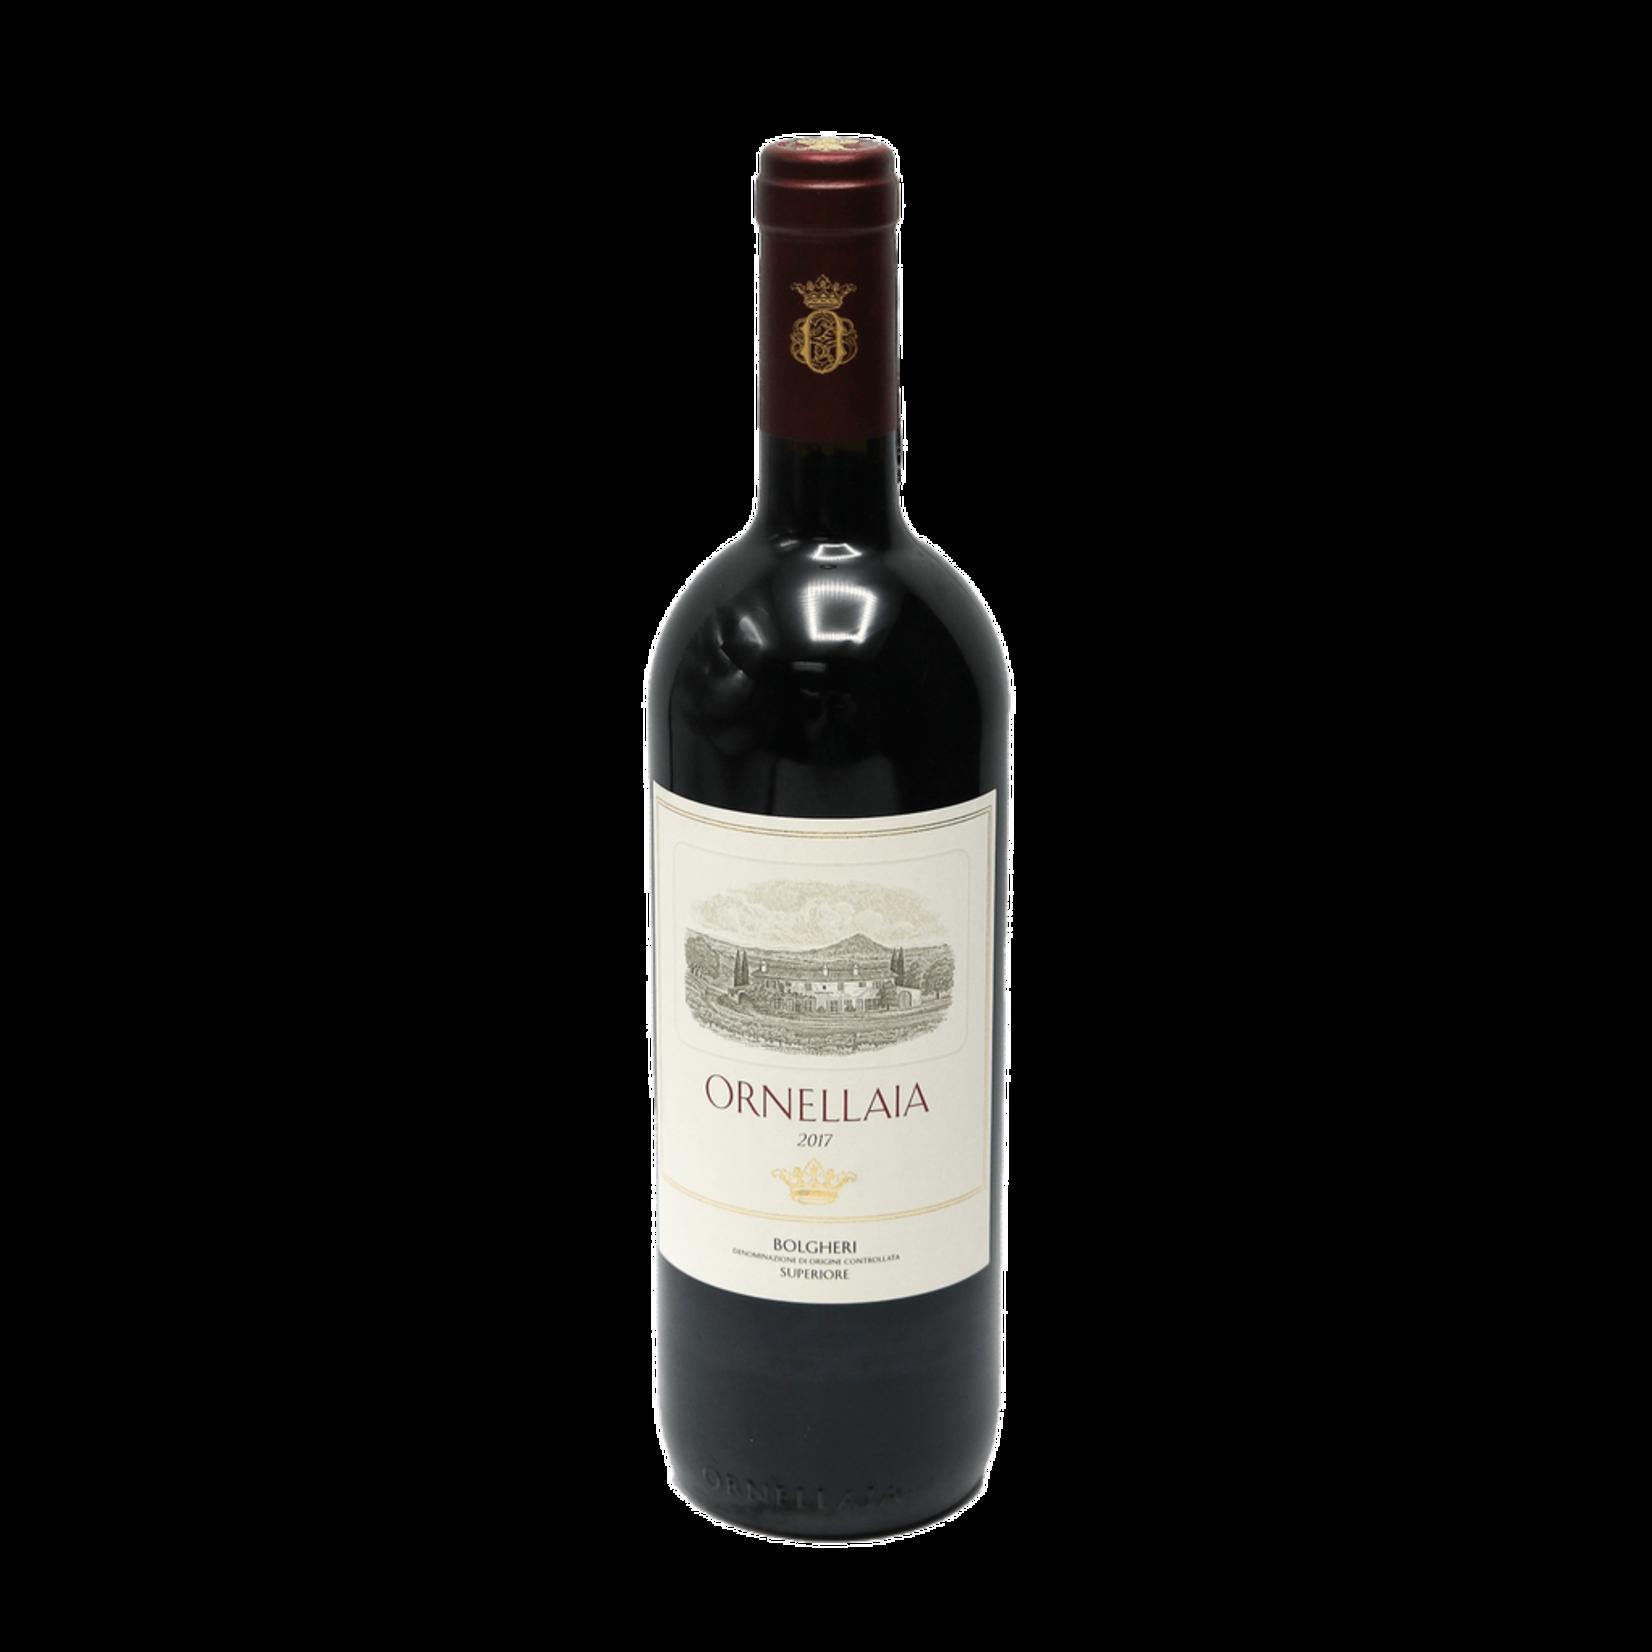 Wine Ornellaia Bolgheri Superiore 2017